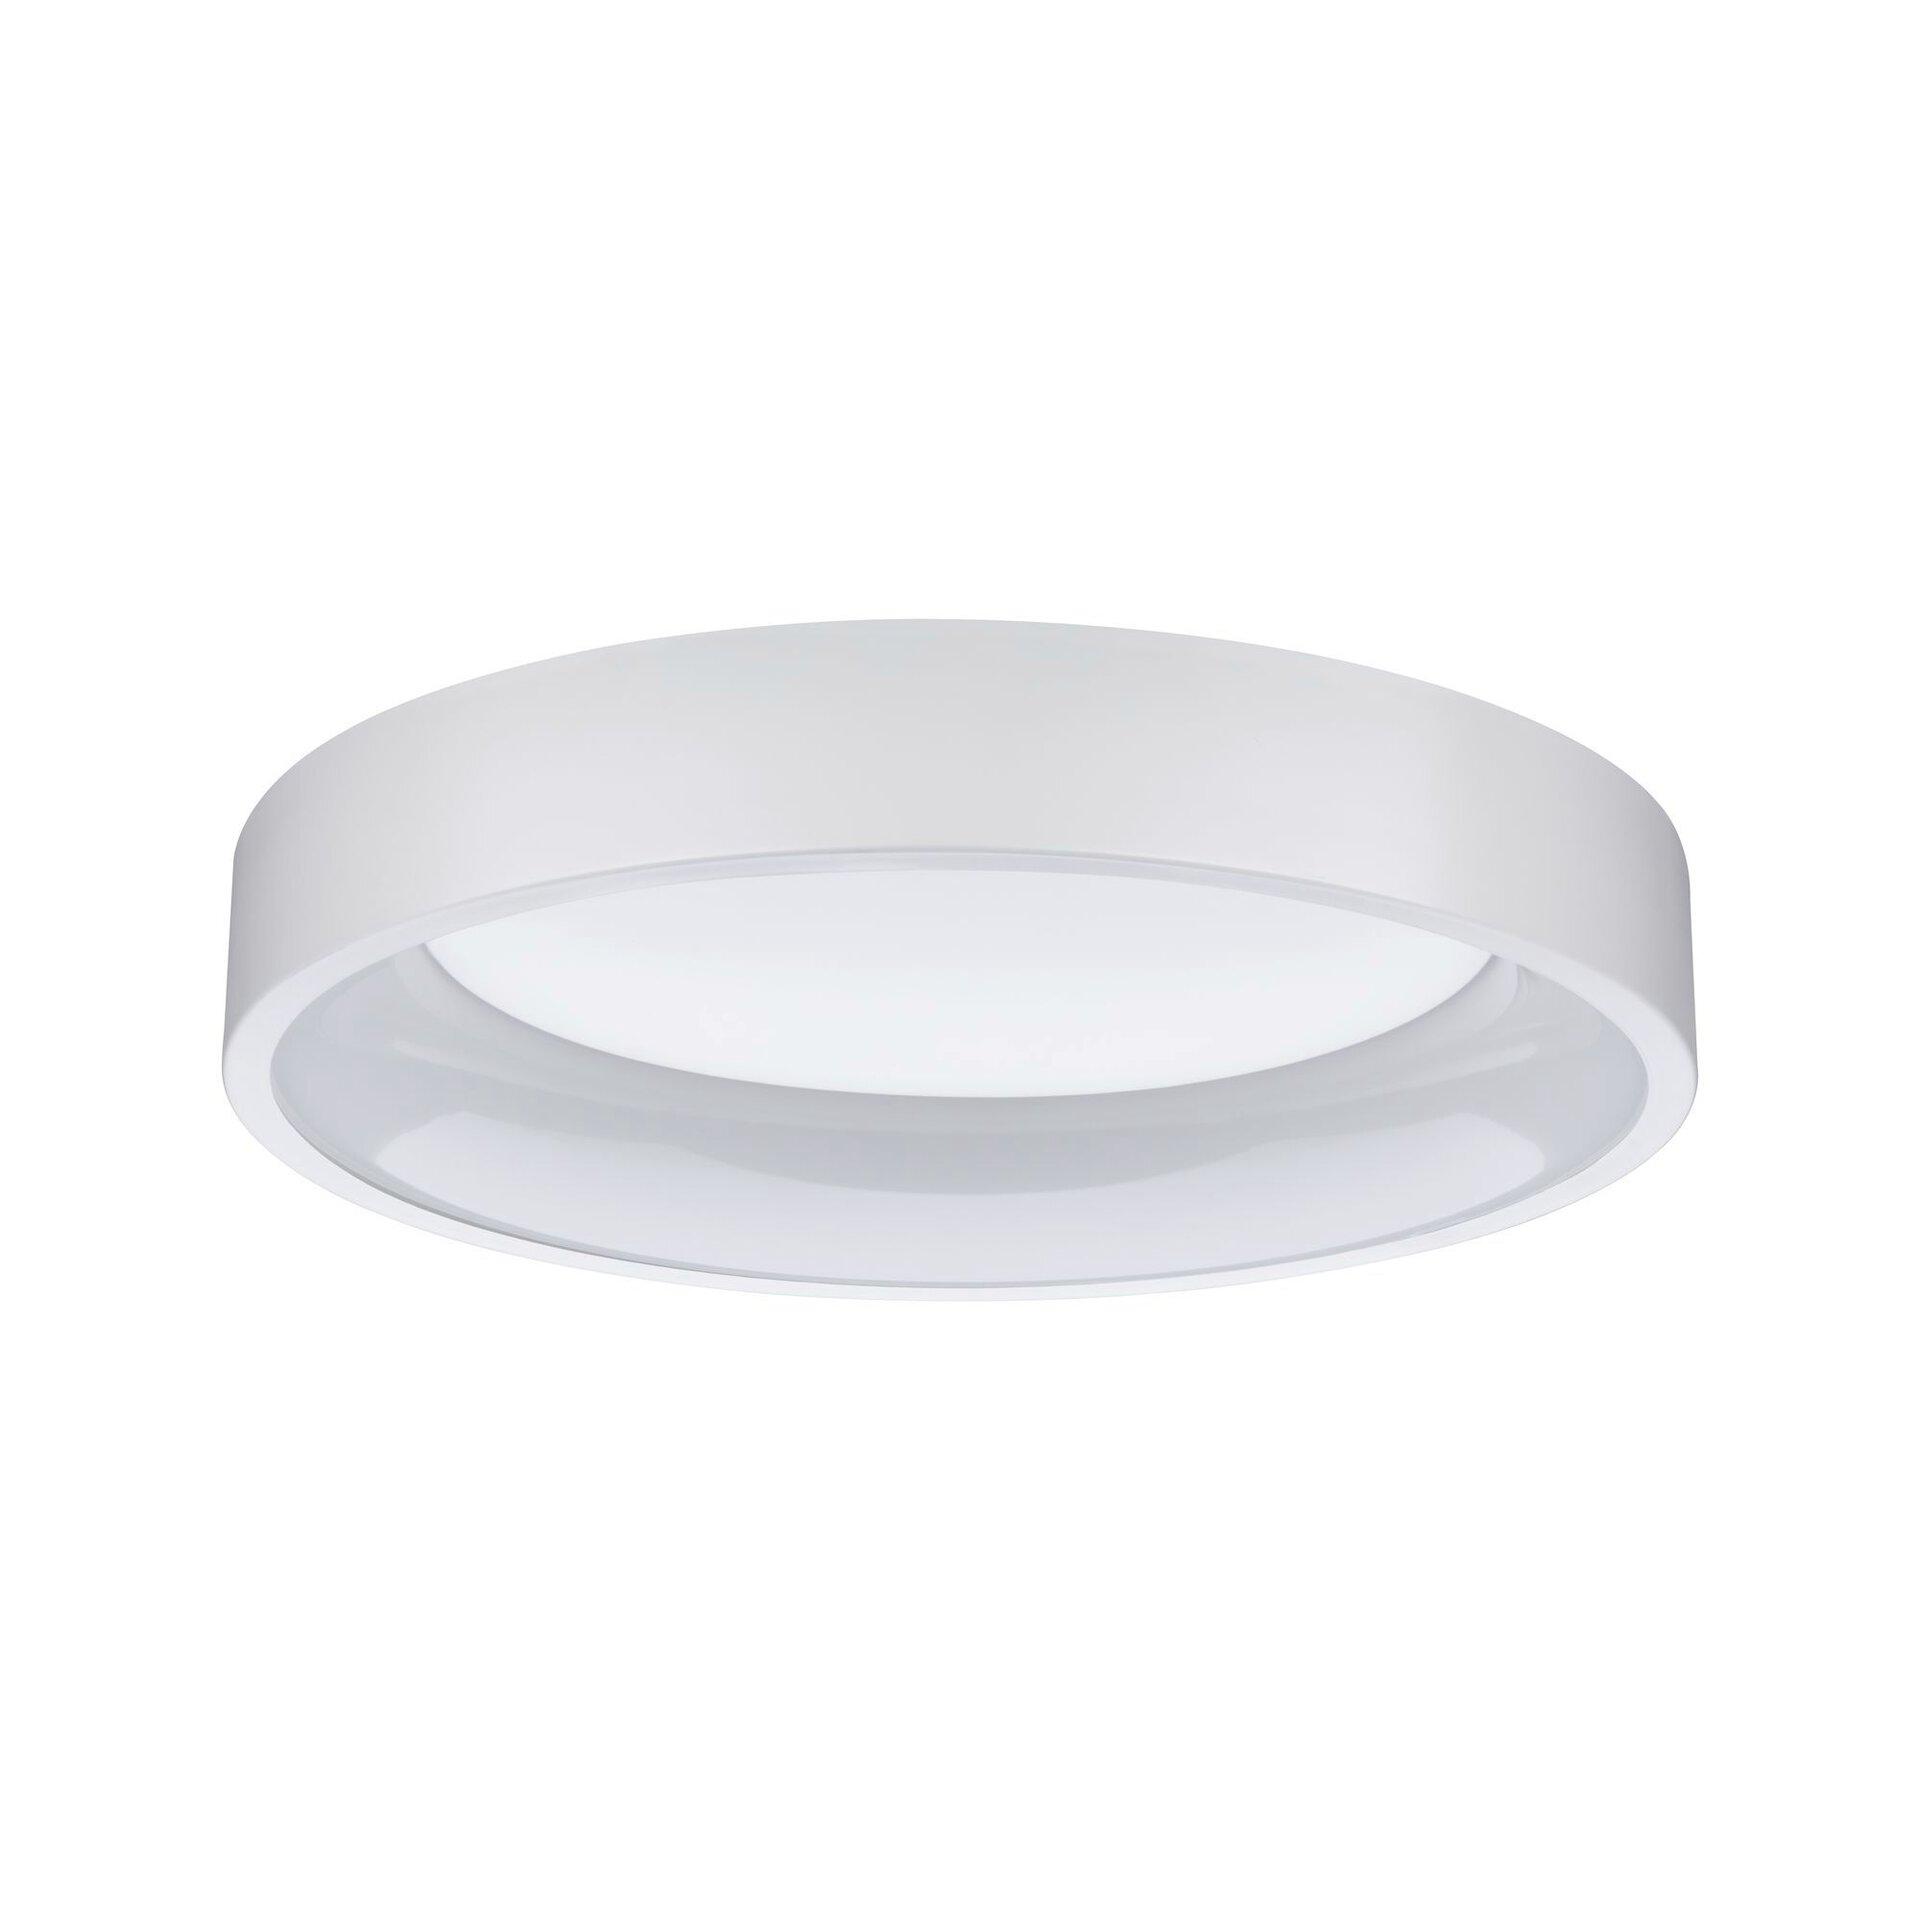 Deckenleuchte ARDORA Paulmann Metall weiß 45 x 9 x 45 cm